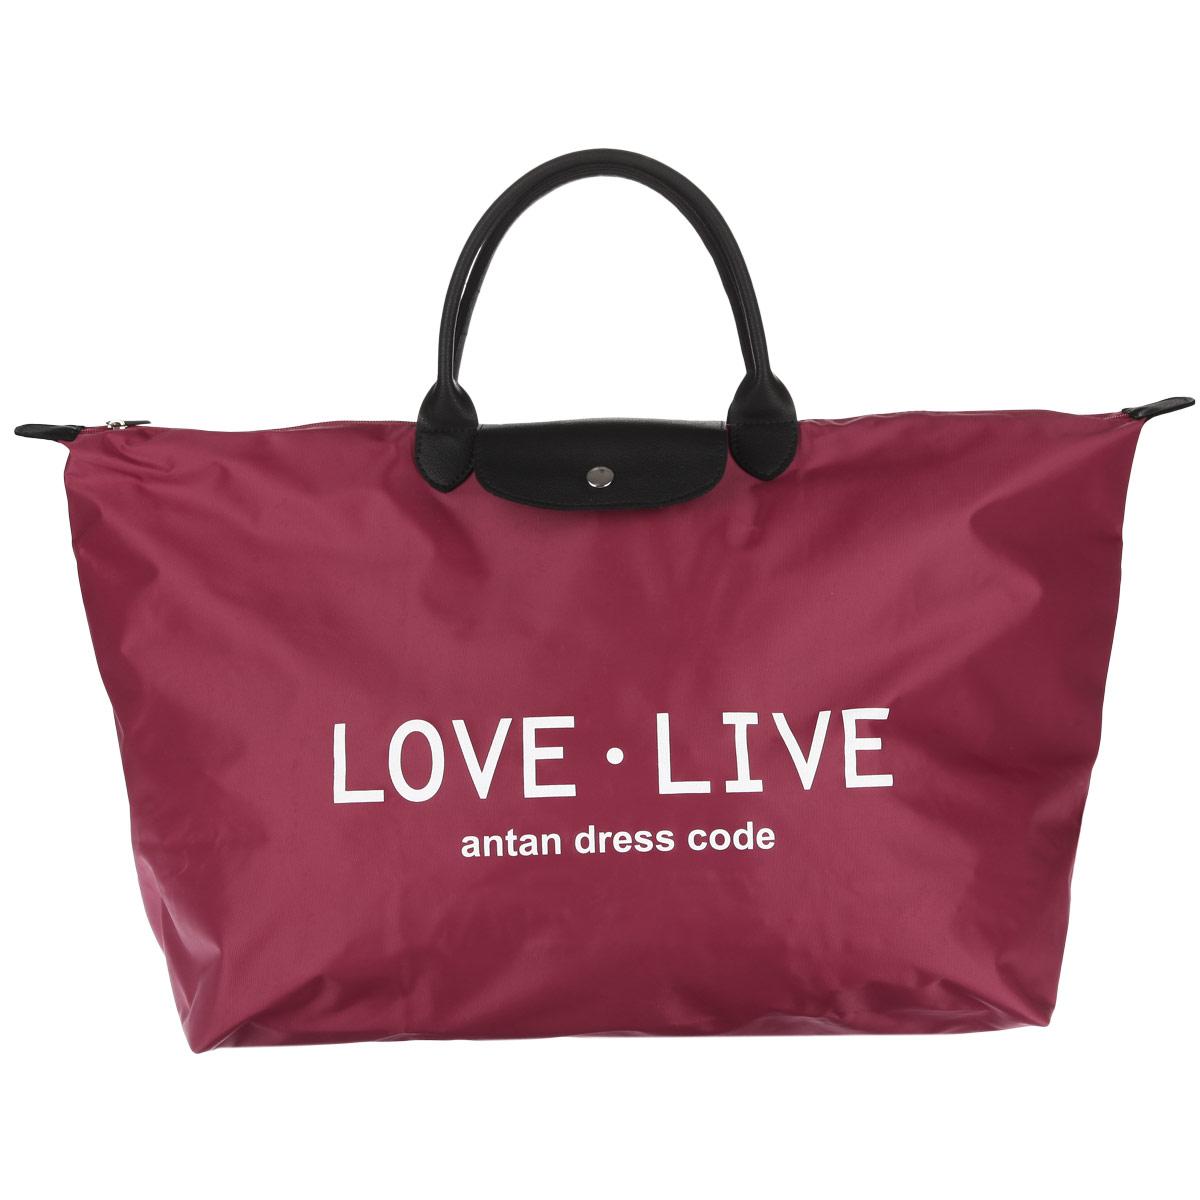 """Сумка женская Antan """"Жизнь-любовь"""", цвет: красный. 175 175 Жизнь-любовь/красный"""